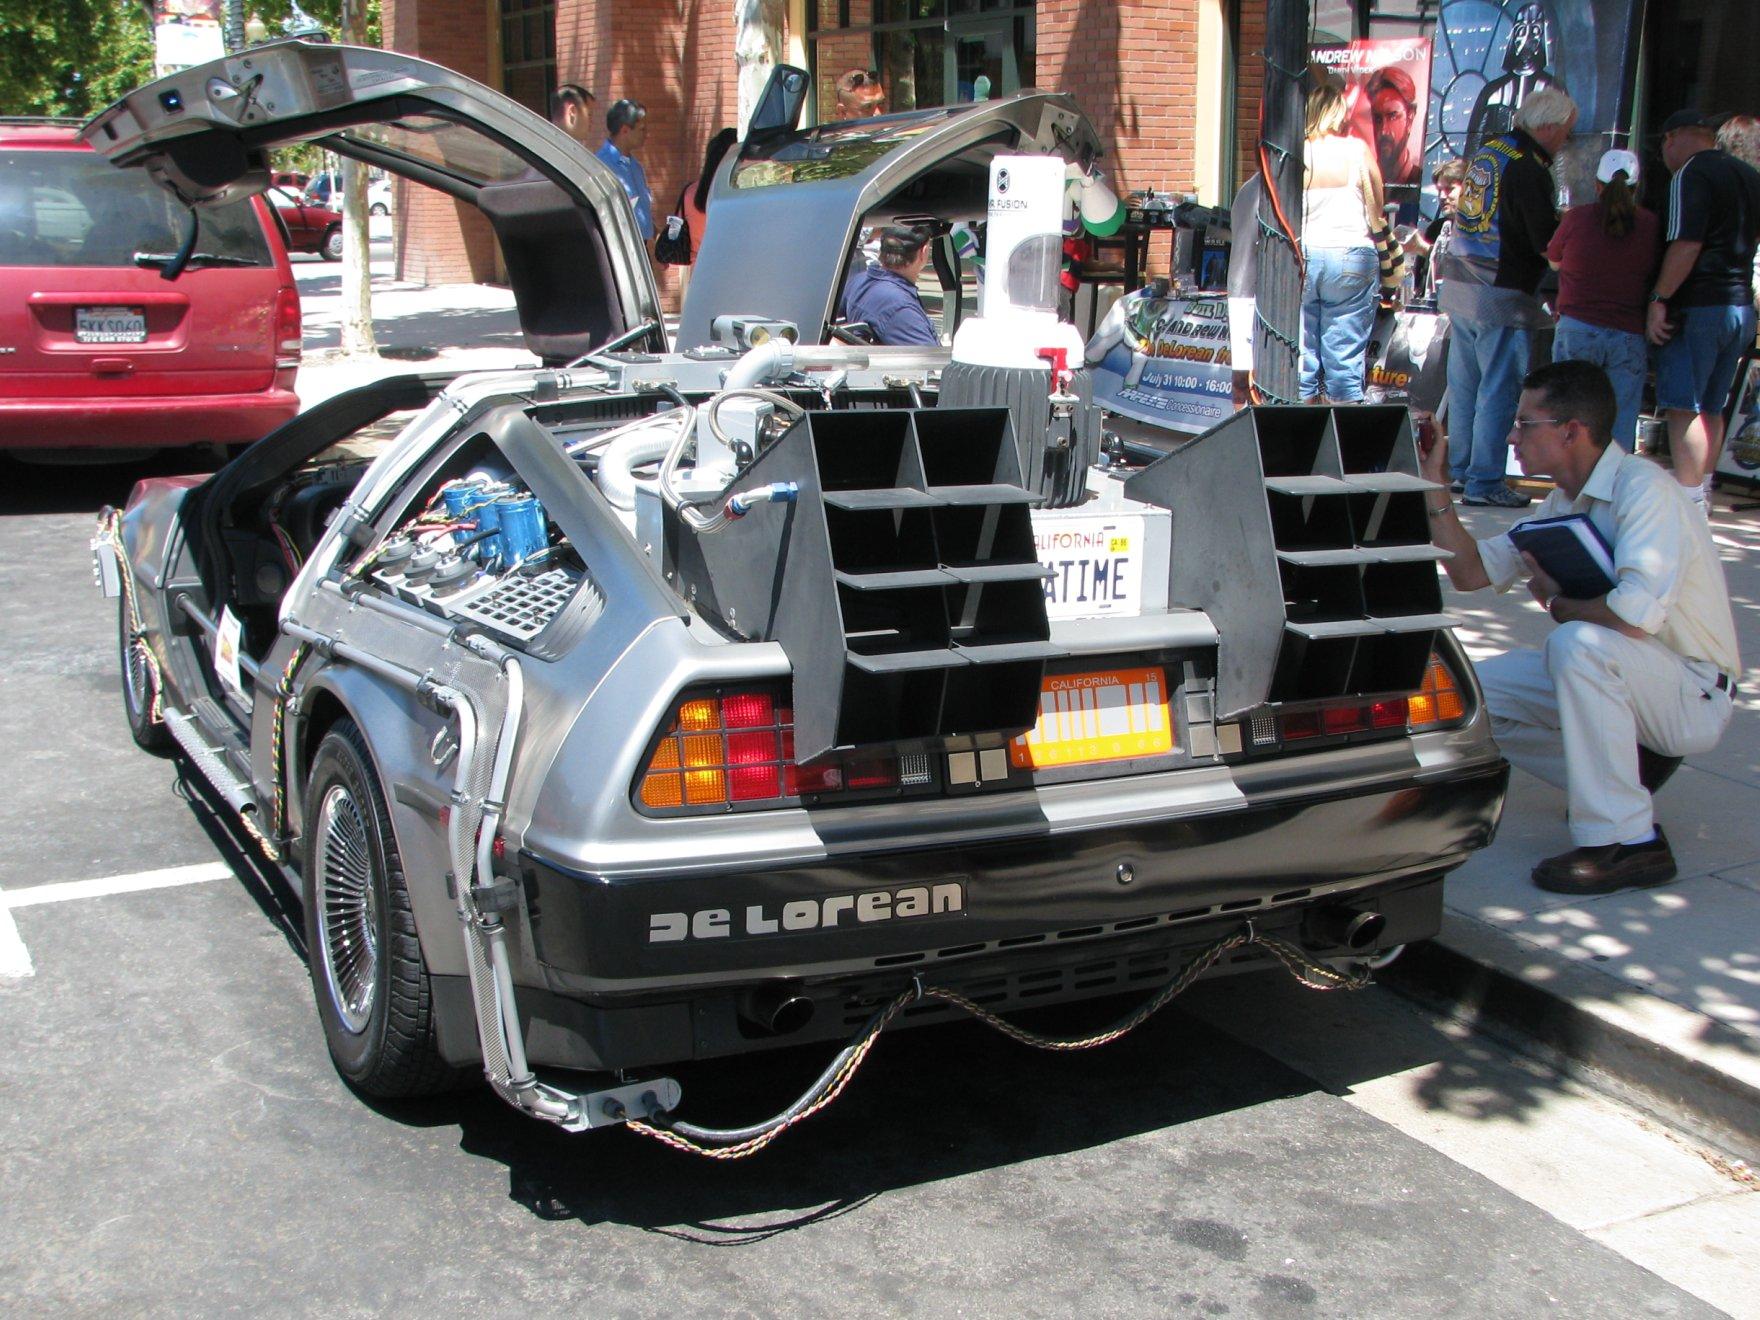 1981 Dmc Delorean Time Machine Back To The Future Car 04